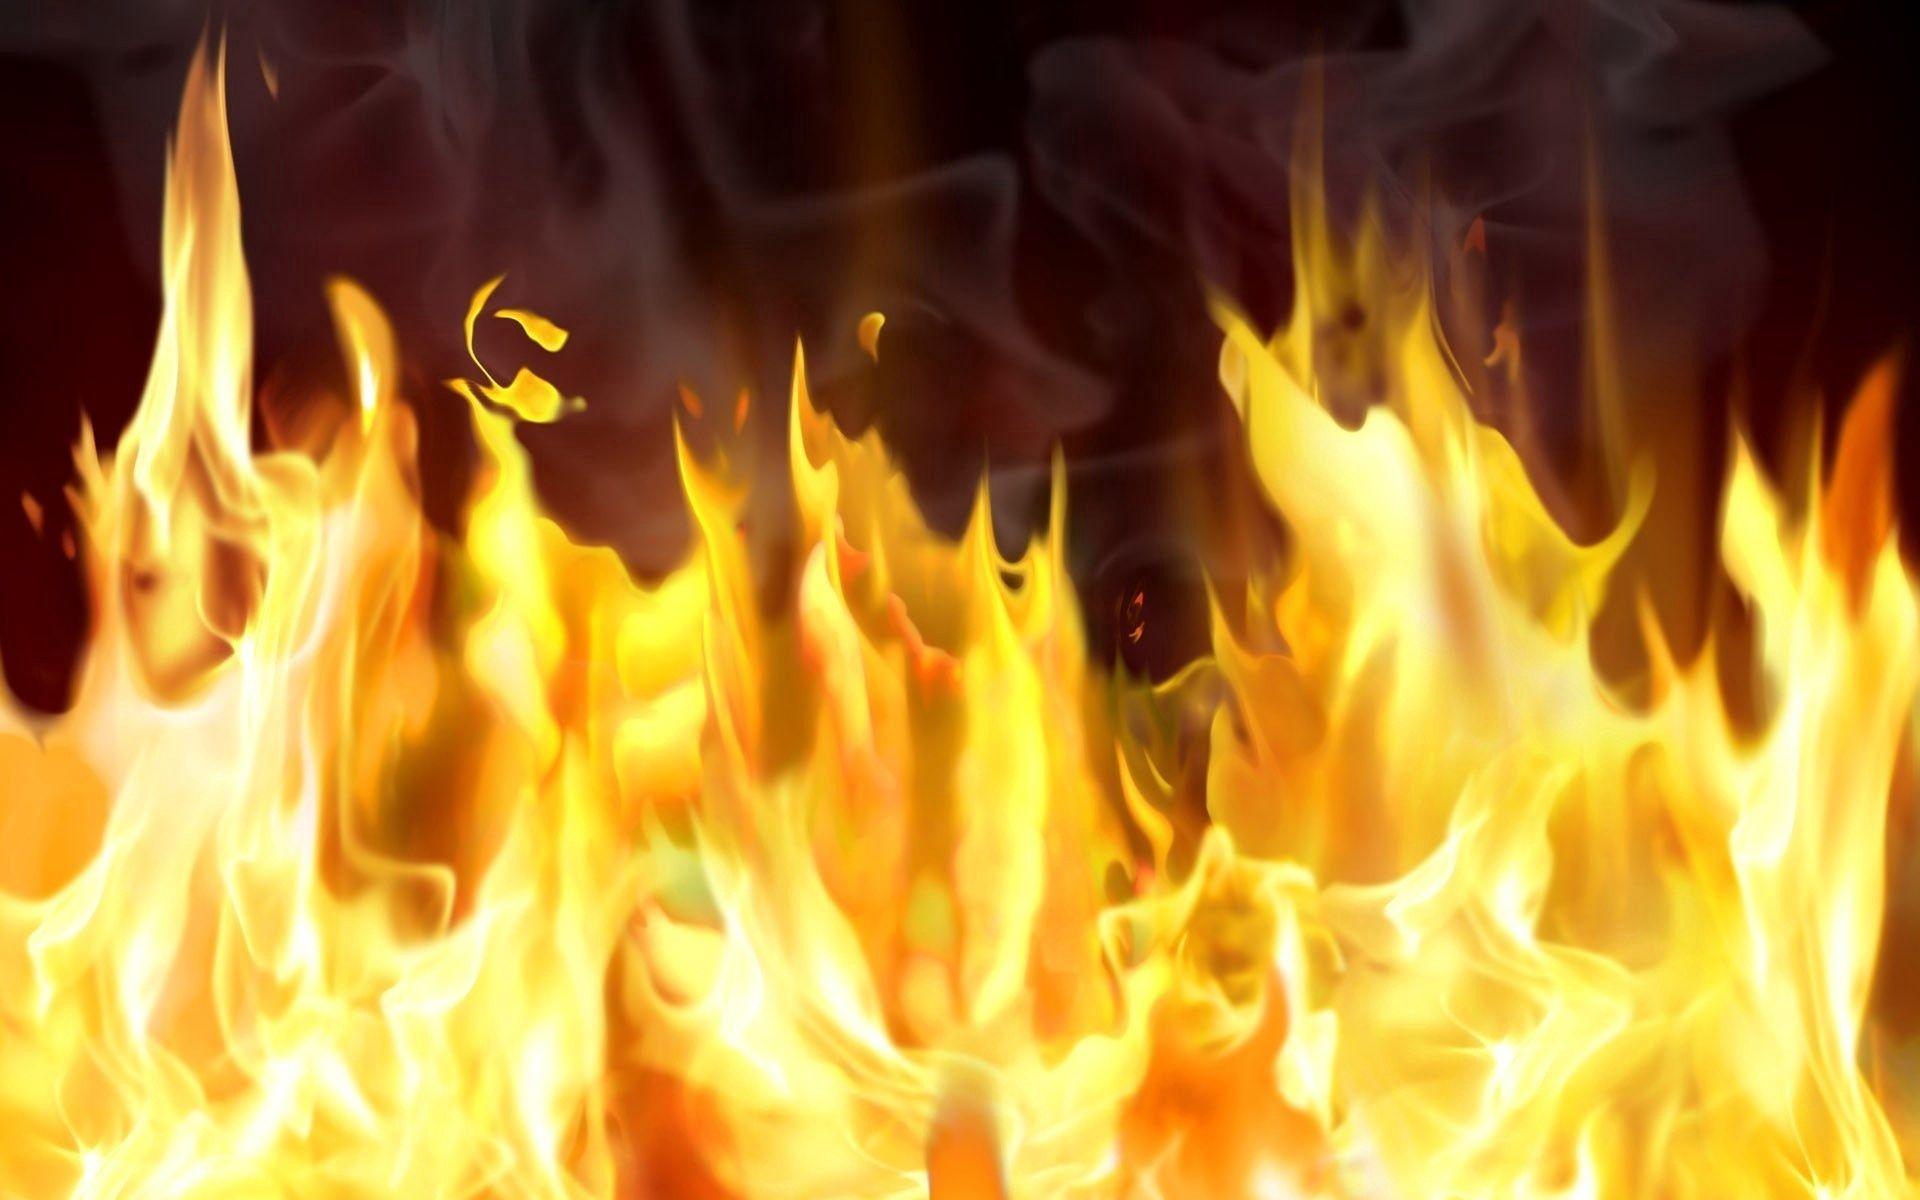 113474 免費下載壁紙 抽象, 火, 火焰, 背景, 线, 明亮的, 明亮 屏保和圖片